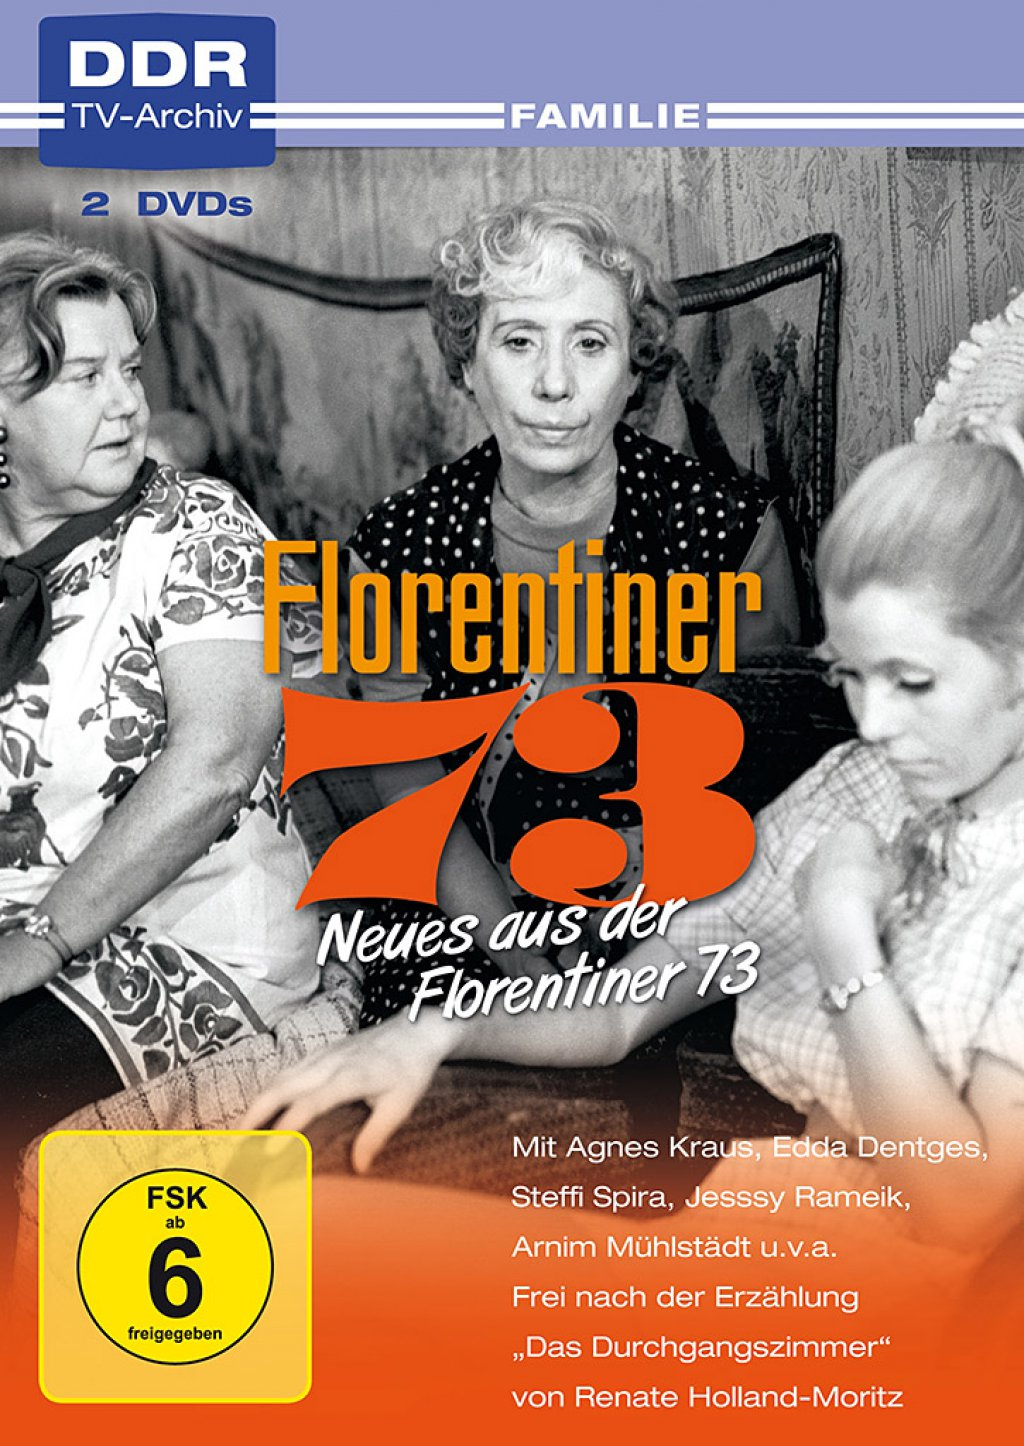 Florentiner 73 & Neues aus der Florentiner 73 - DDR TV-Archiv (DVD)